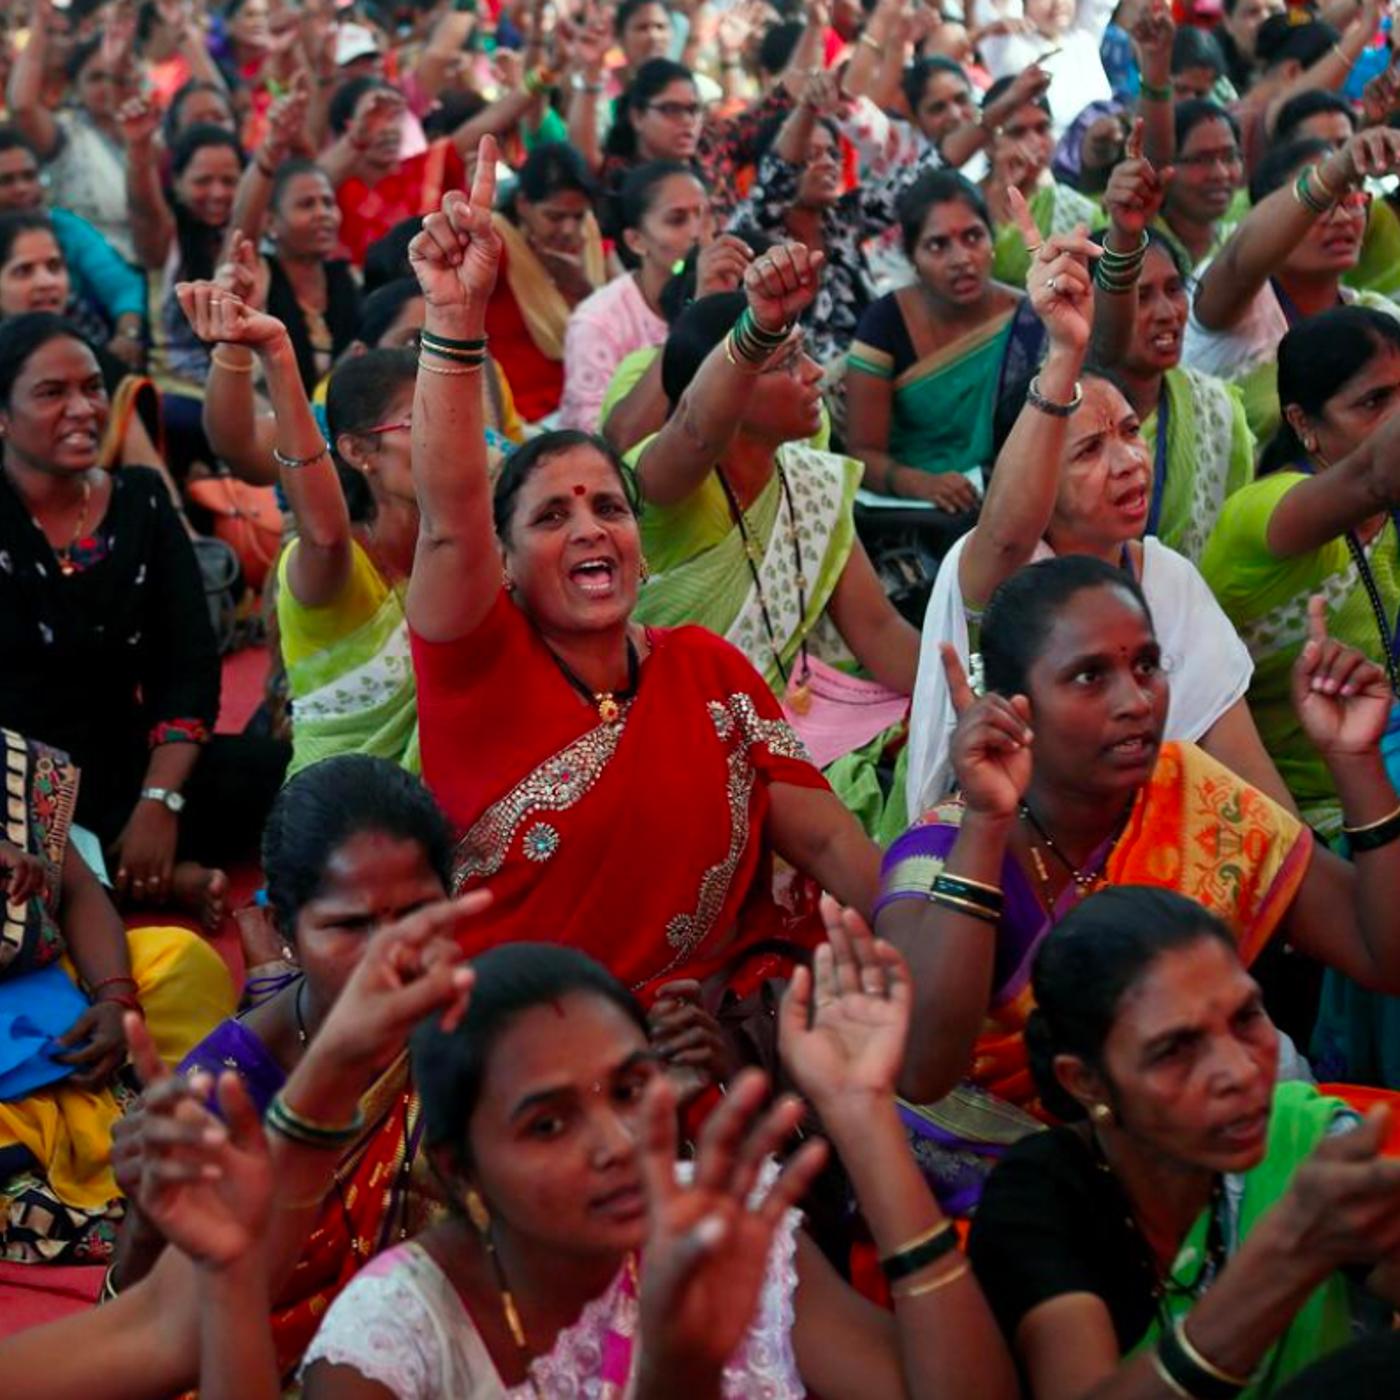 #17.2 Աշխարհի ցույցերը. Հնդկաստան (մաս 2)